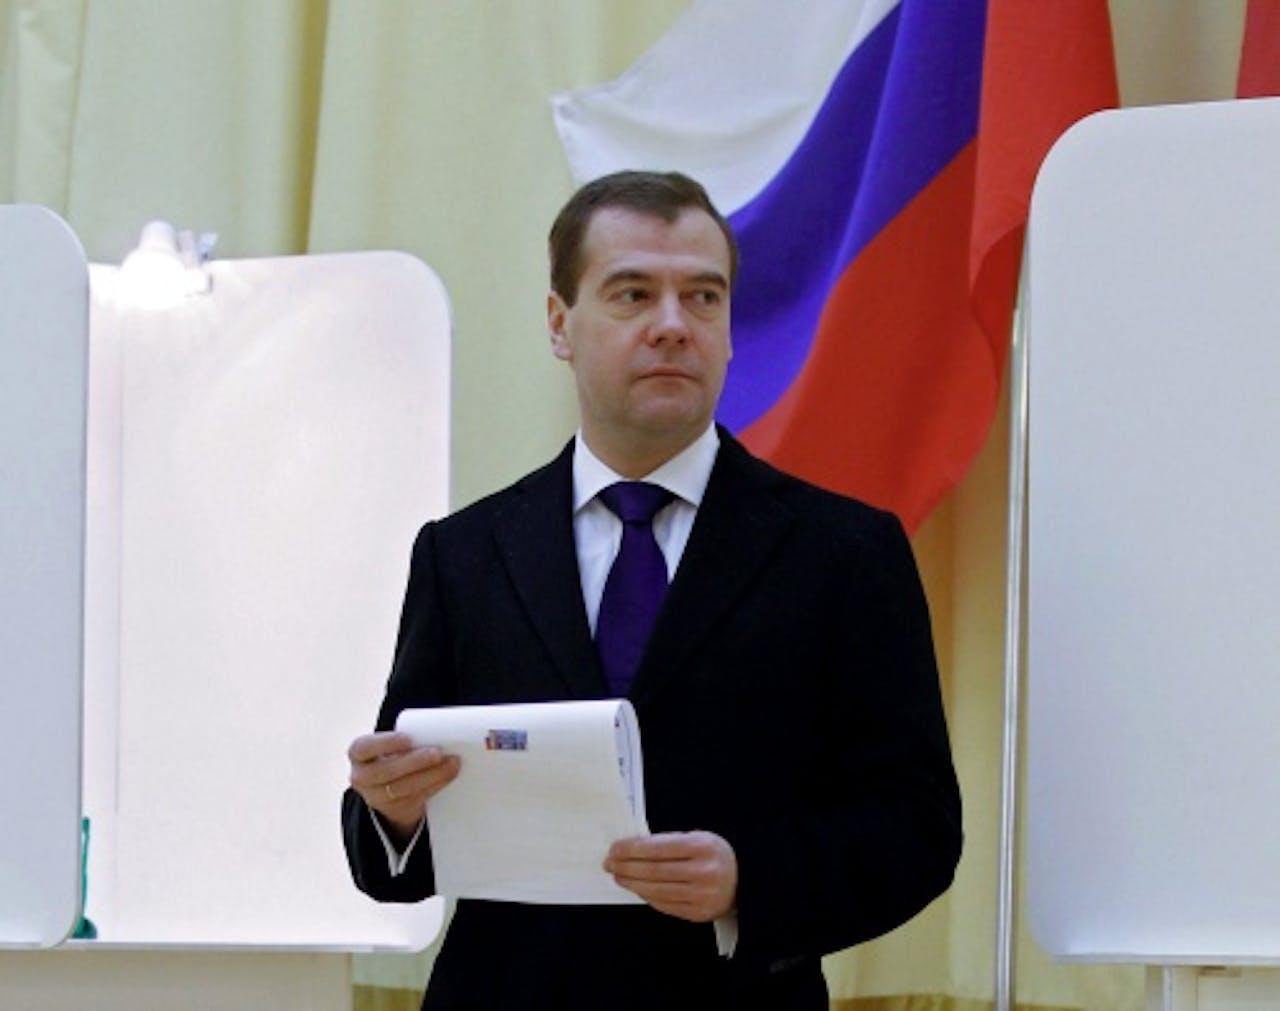 Ook de Russische president Dmitri Medvedev heeft zijn stem uitgebracht. EPA